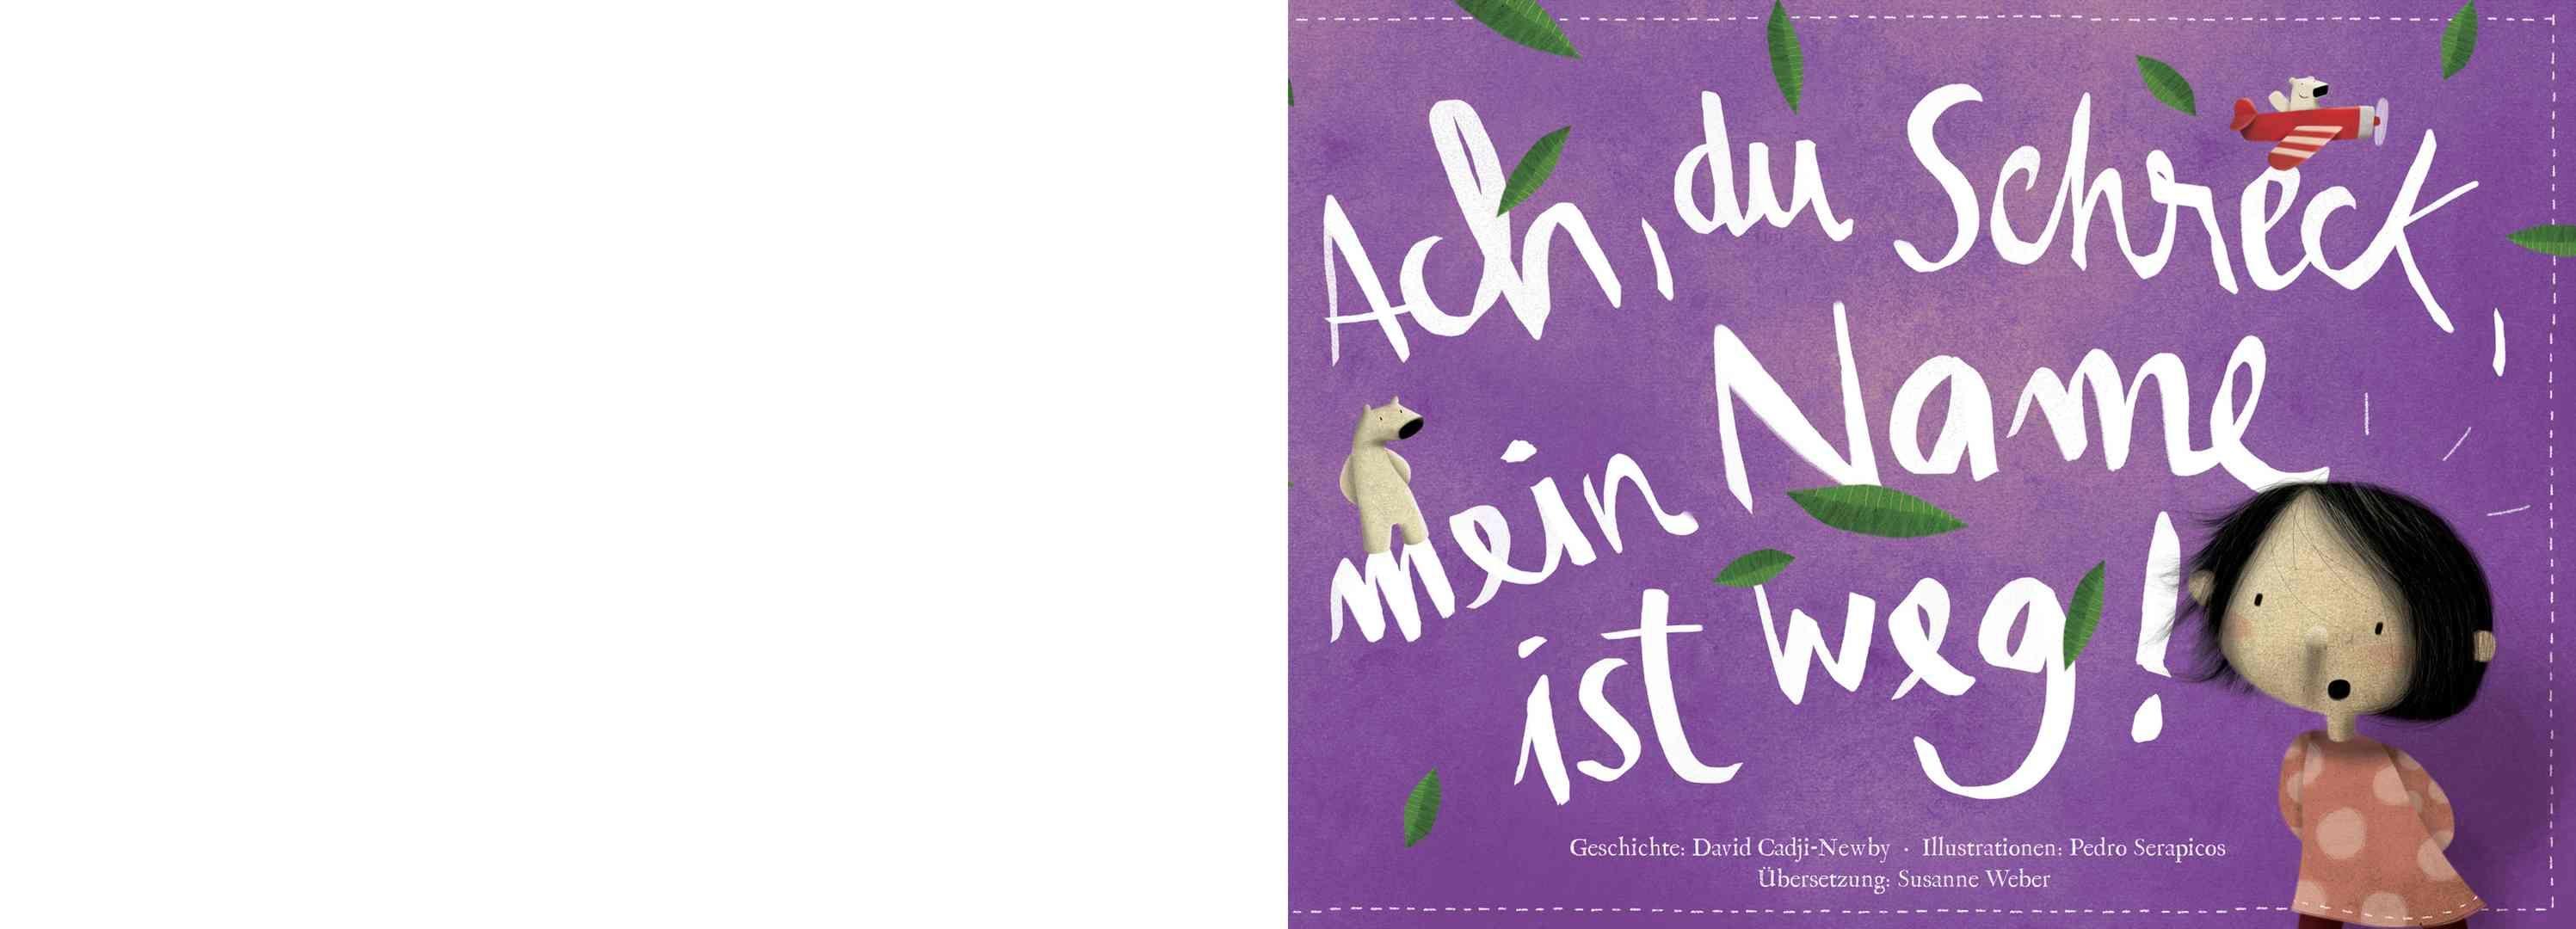 Personalisierte Kinderbücher | LostMy.Name - Geschichte für Kinder ...